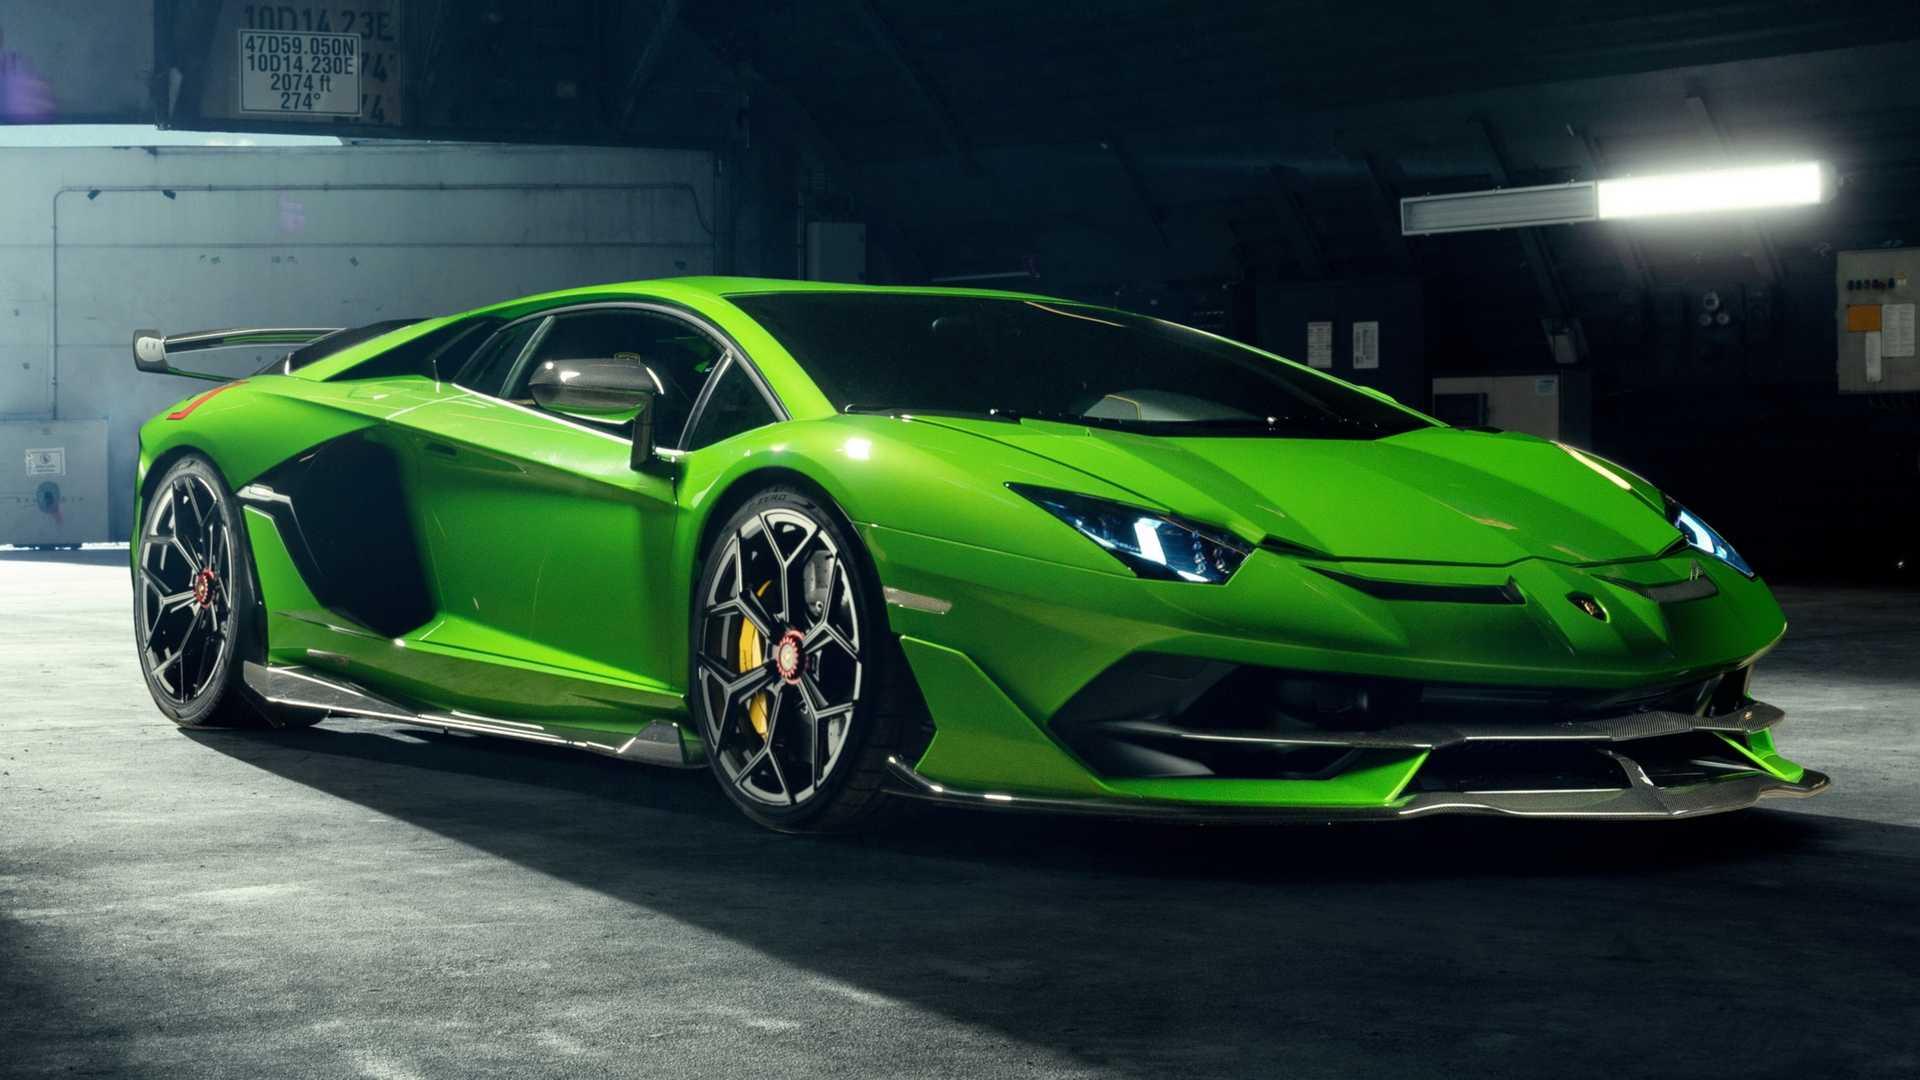 Lamborghini Aventador SVJ Gets Novitec Treatment